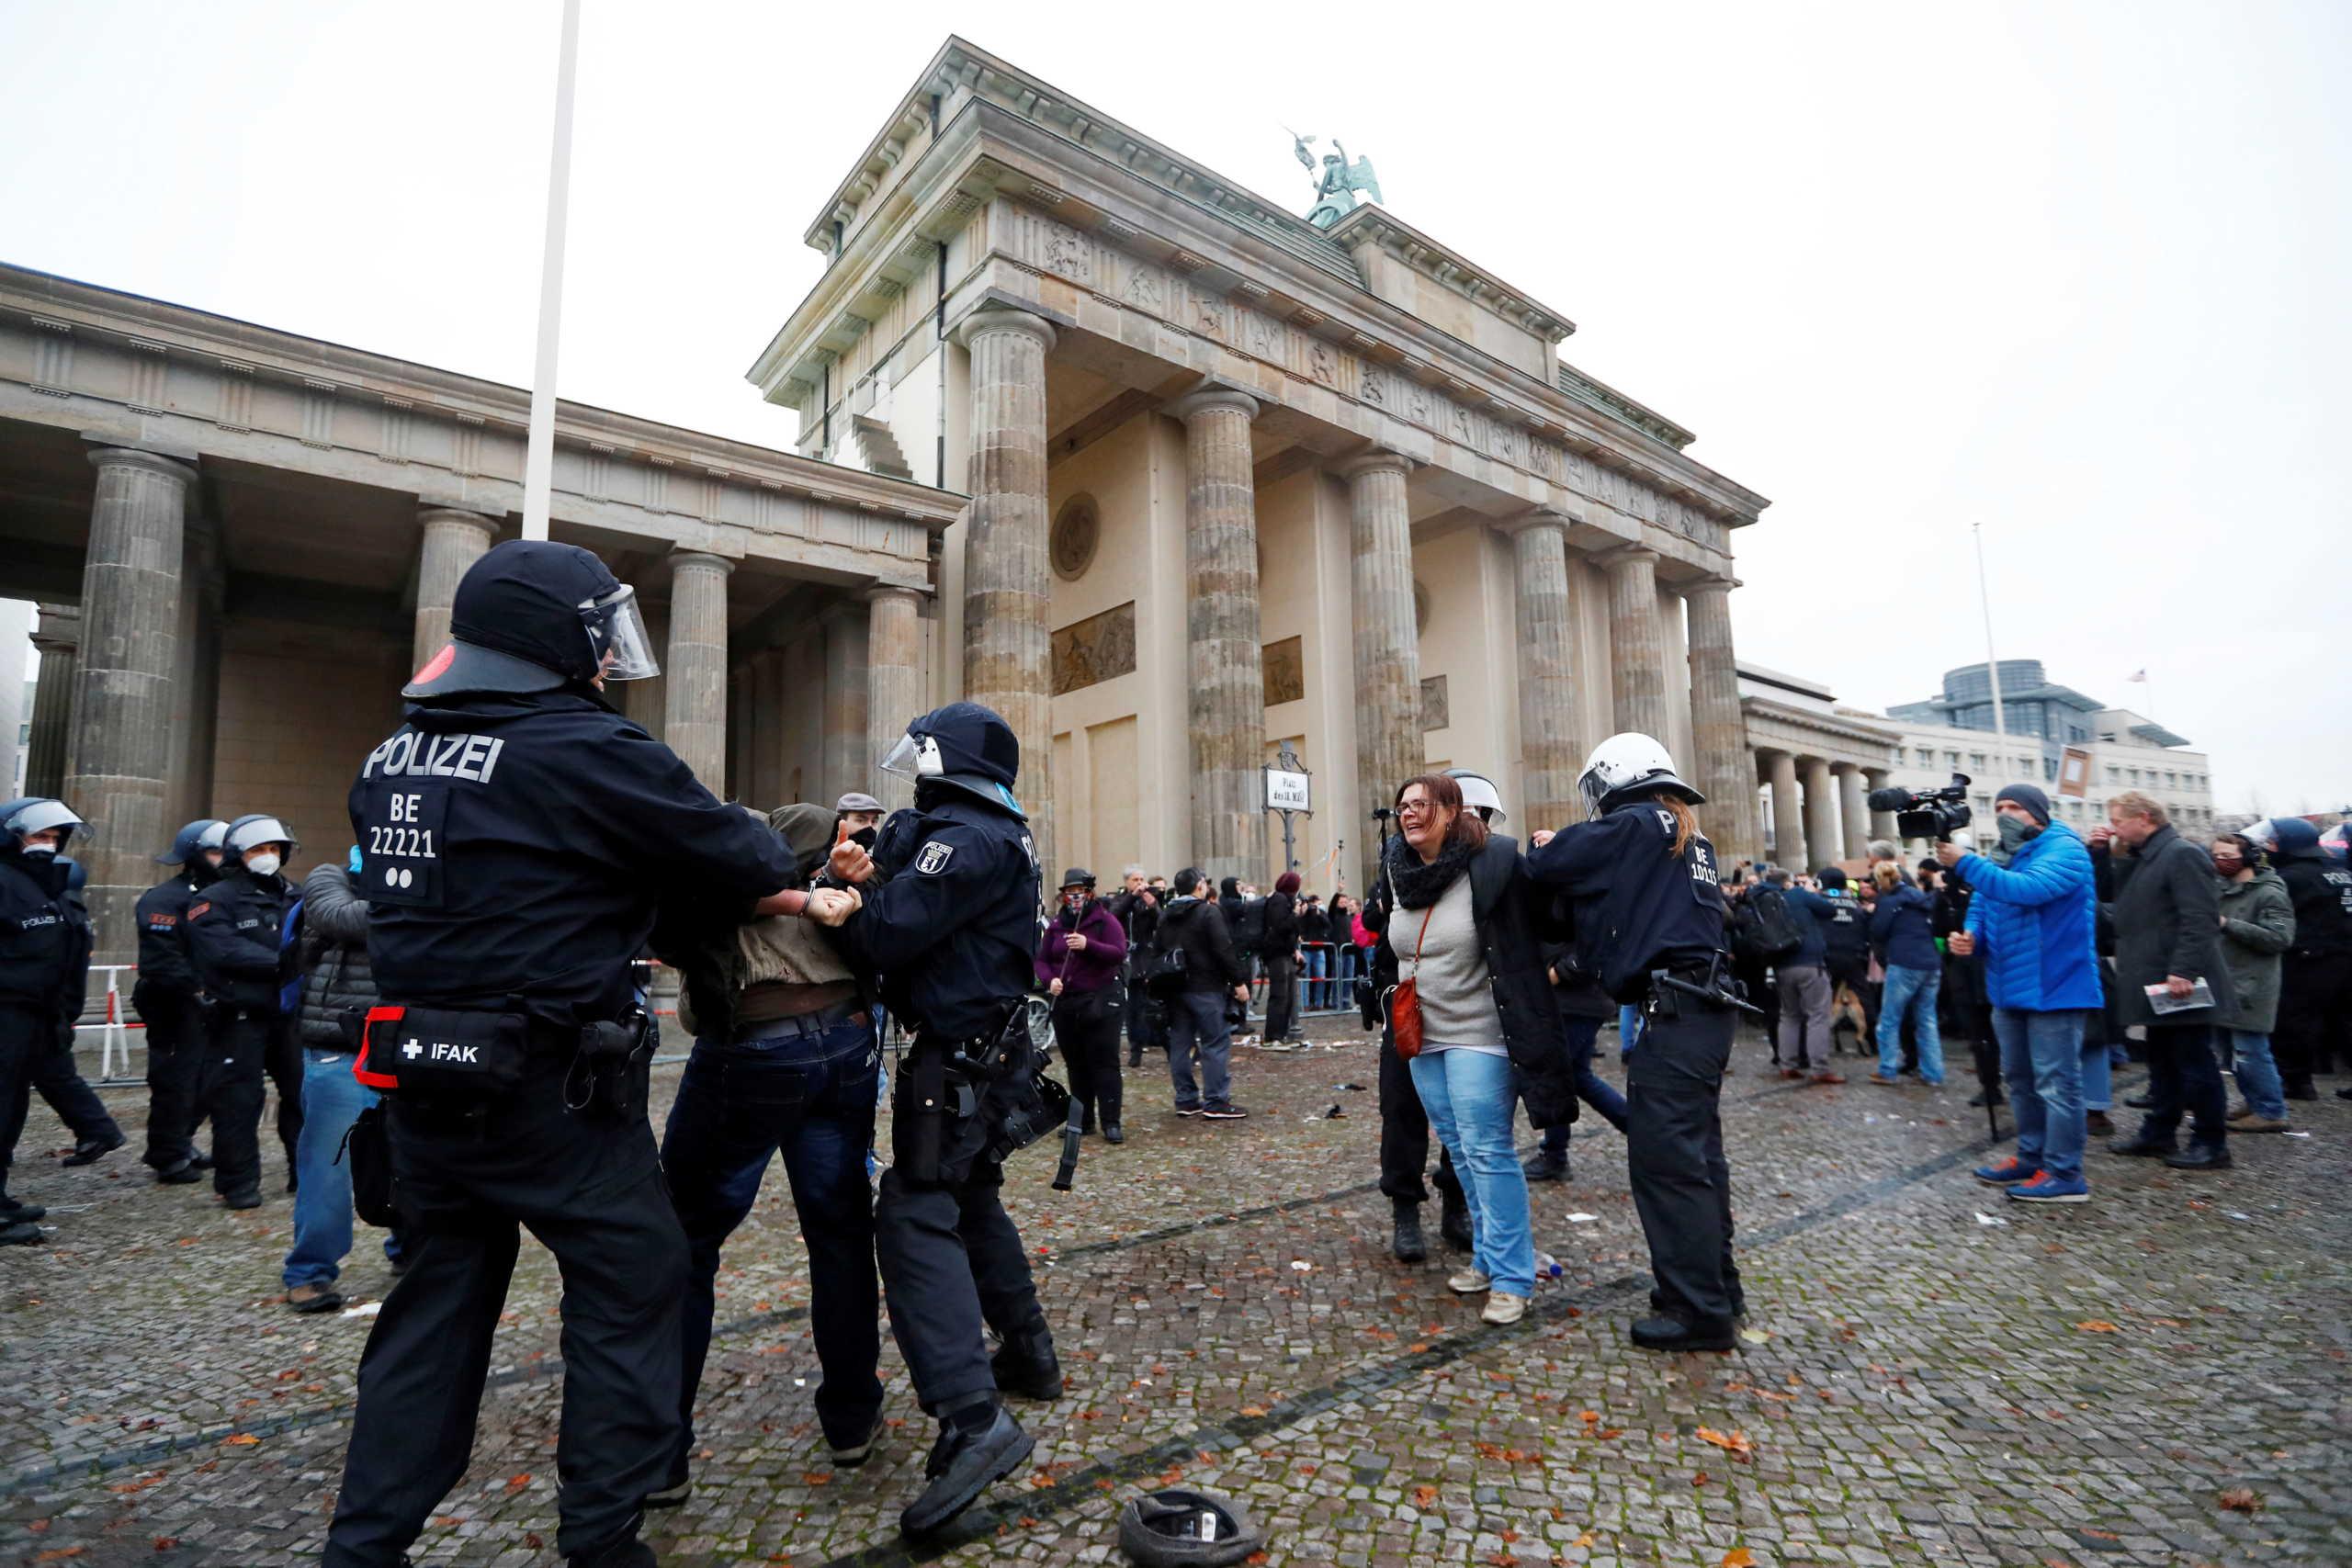 Γερμανία: Διαδήλωση στους δρόμους του Βερολίνου